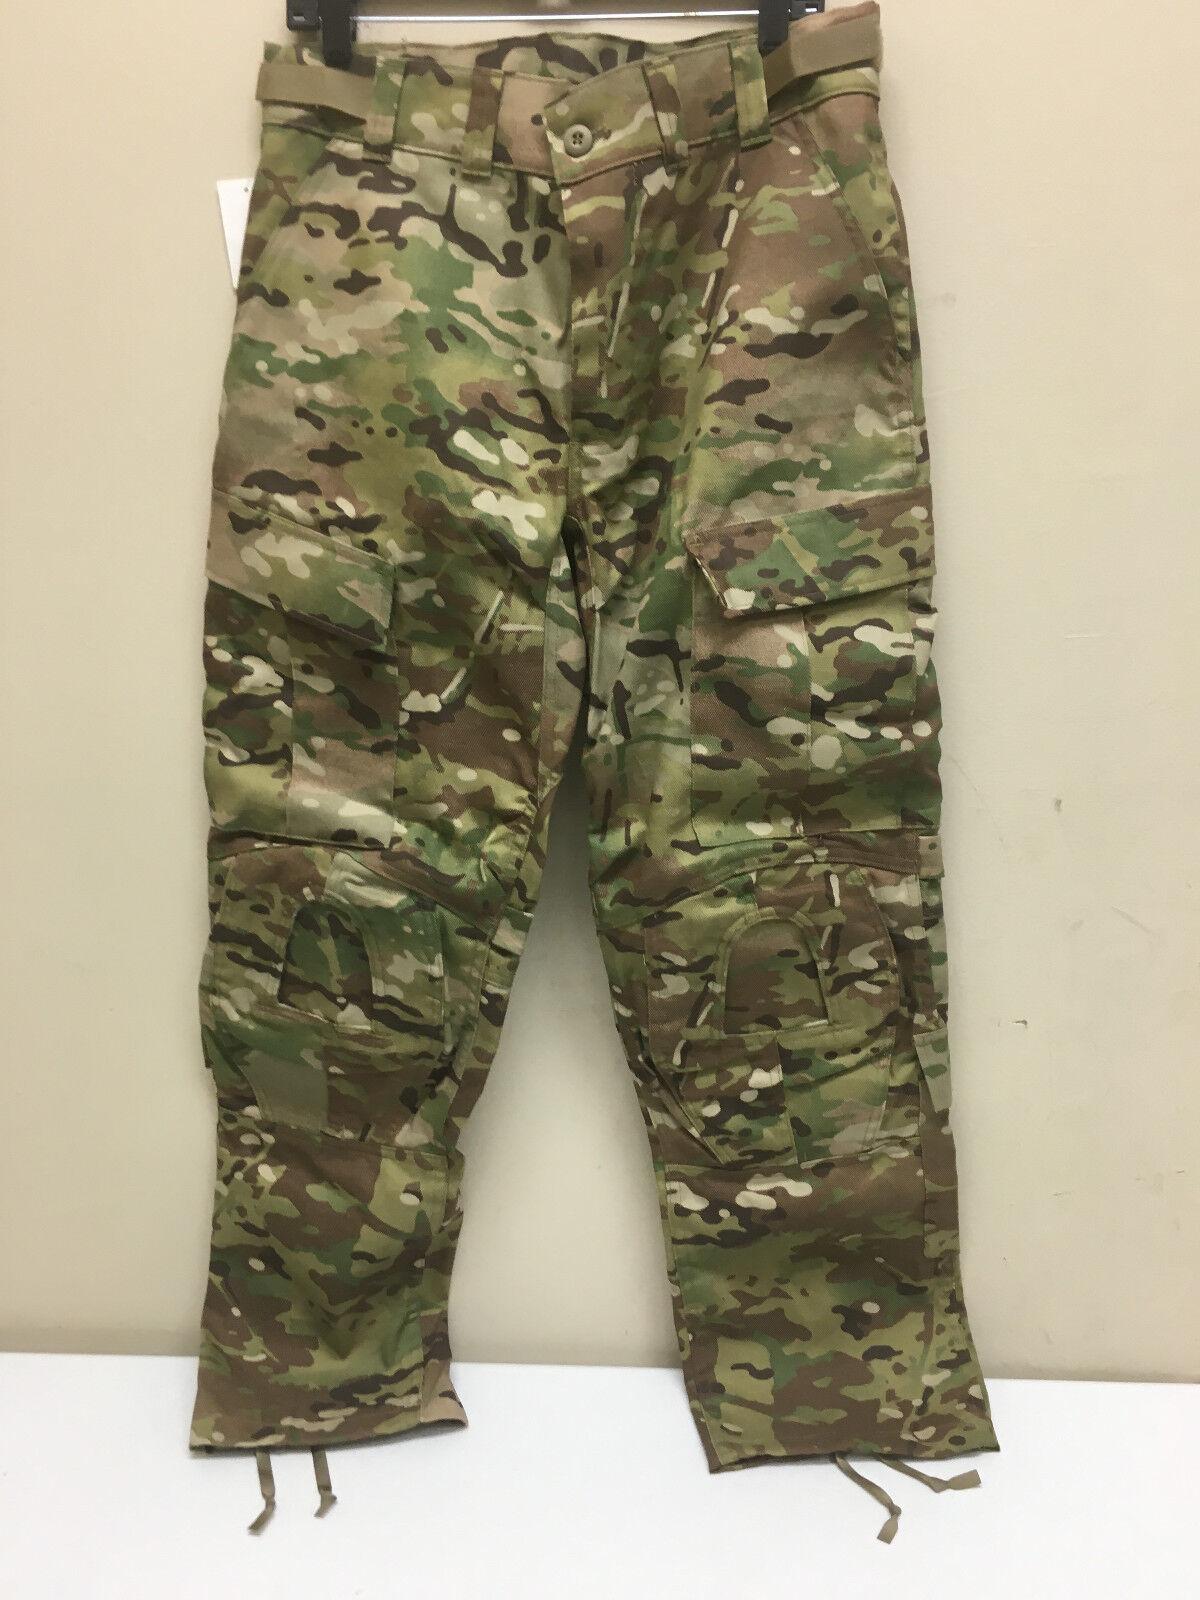 Pantalón de combate del Ejército Multicam resistentes al fuego con precisión Crye Almohadilla para la rodilla corte Mississippi nuevo con etiquetas